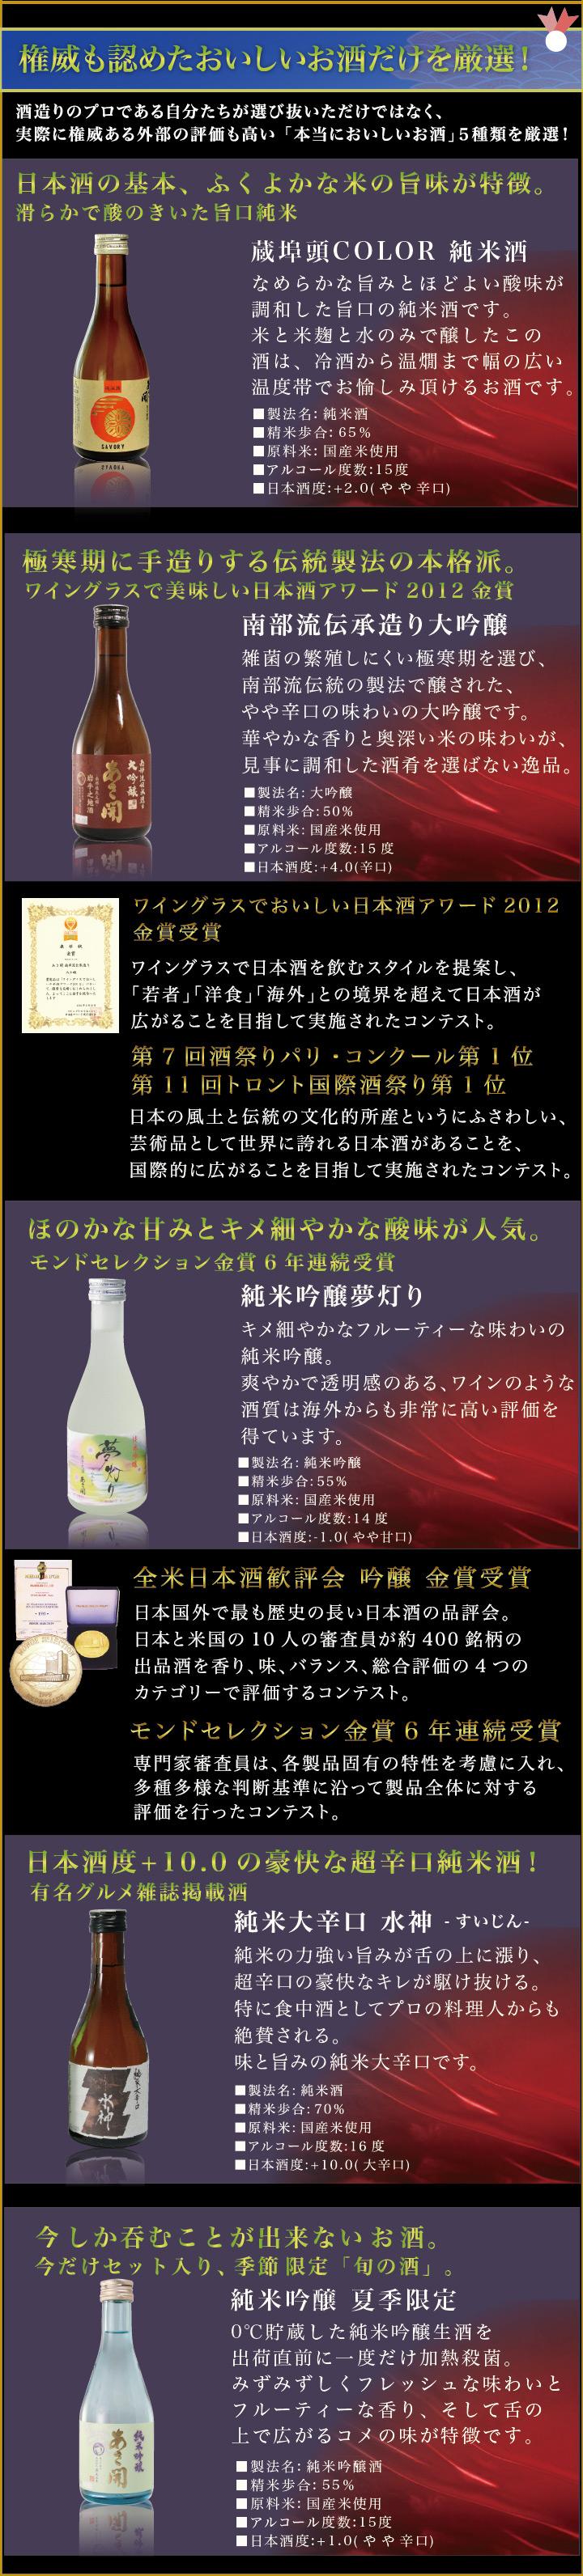 楽天年間ランキング7年連続第1位グルメ大賞10年連続受賞